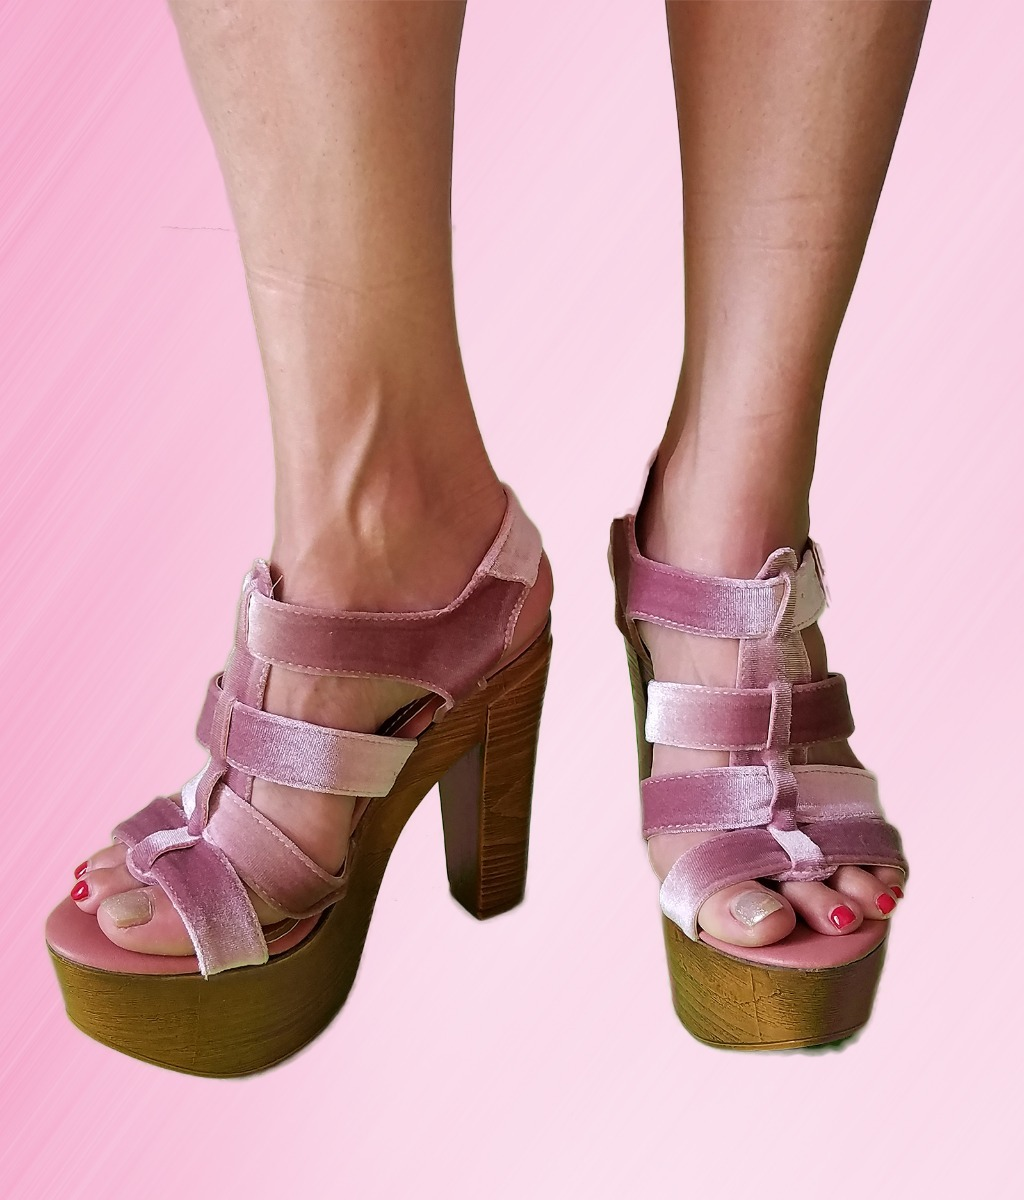 lista nueva Código promocional buscar genuino Zapatillas Plataforma Dama Color Rosa Palo